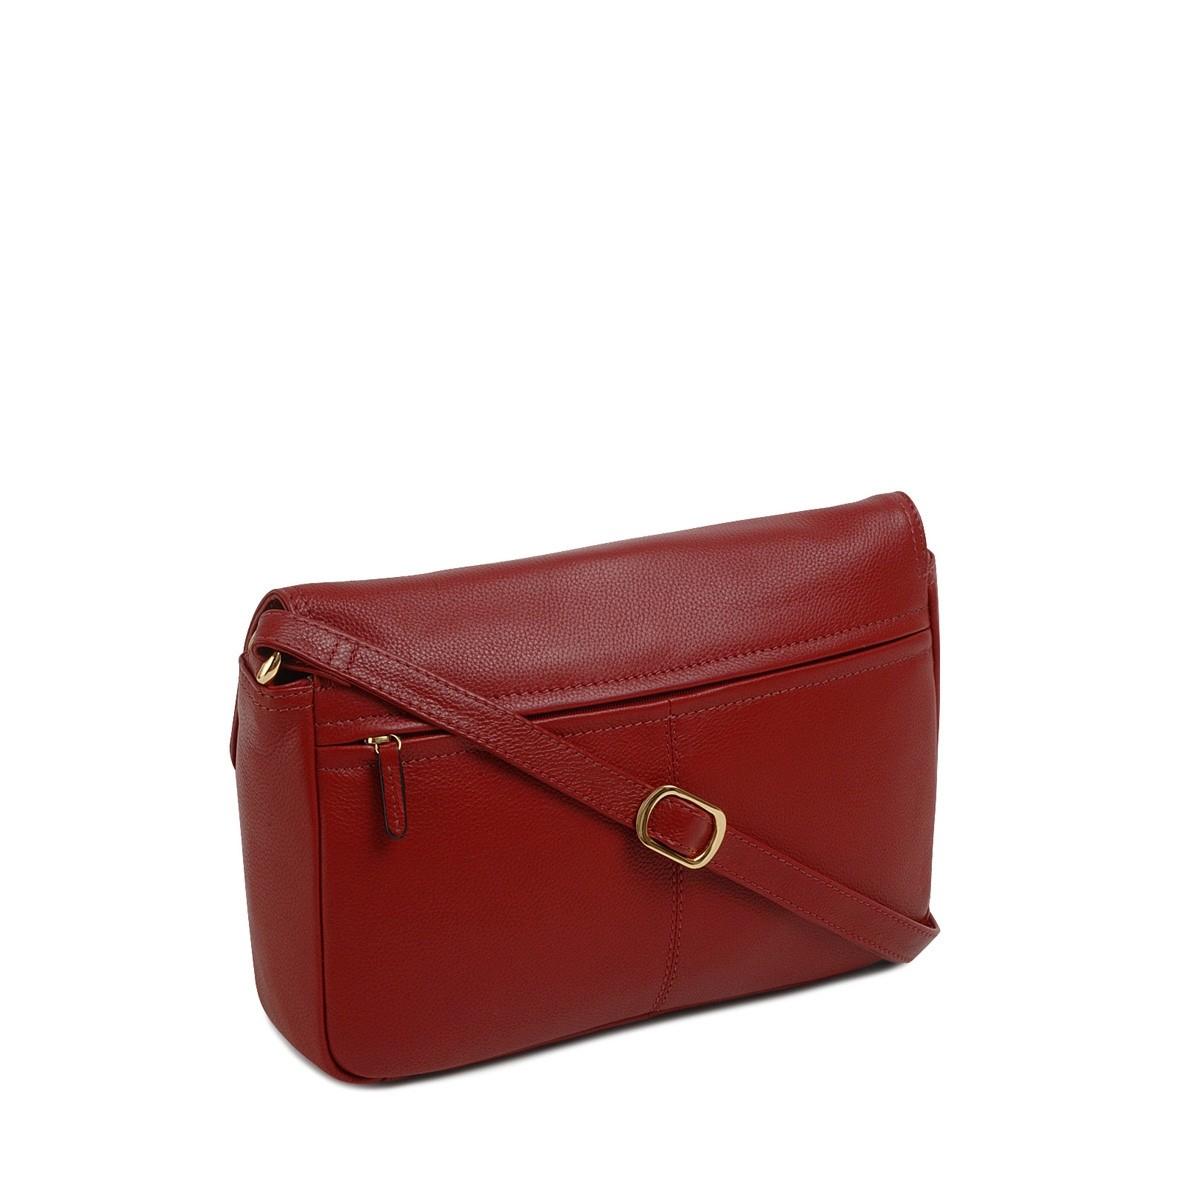 10f53ec3ba Tula Nappa Originals Medium Flapover Cross Body Bag